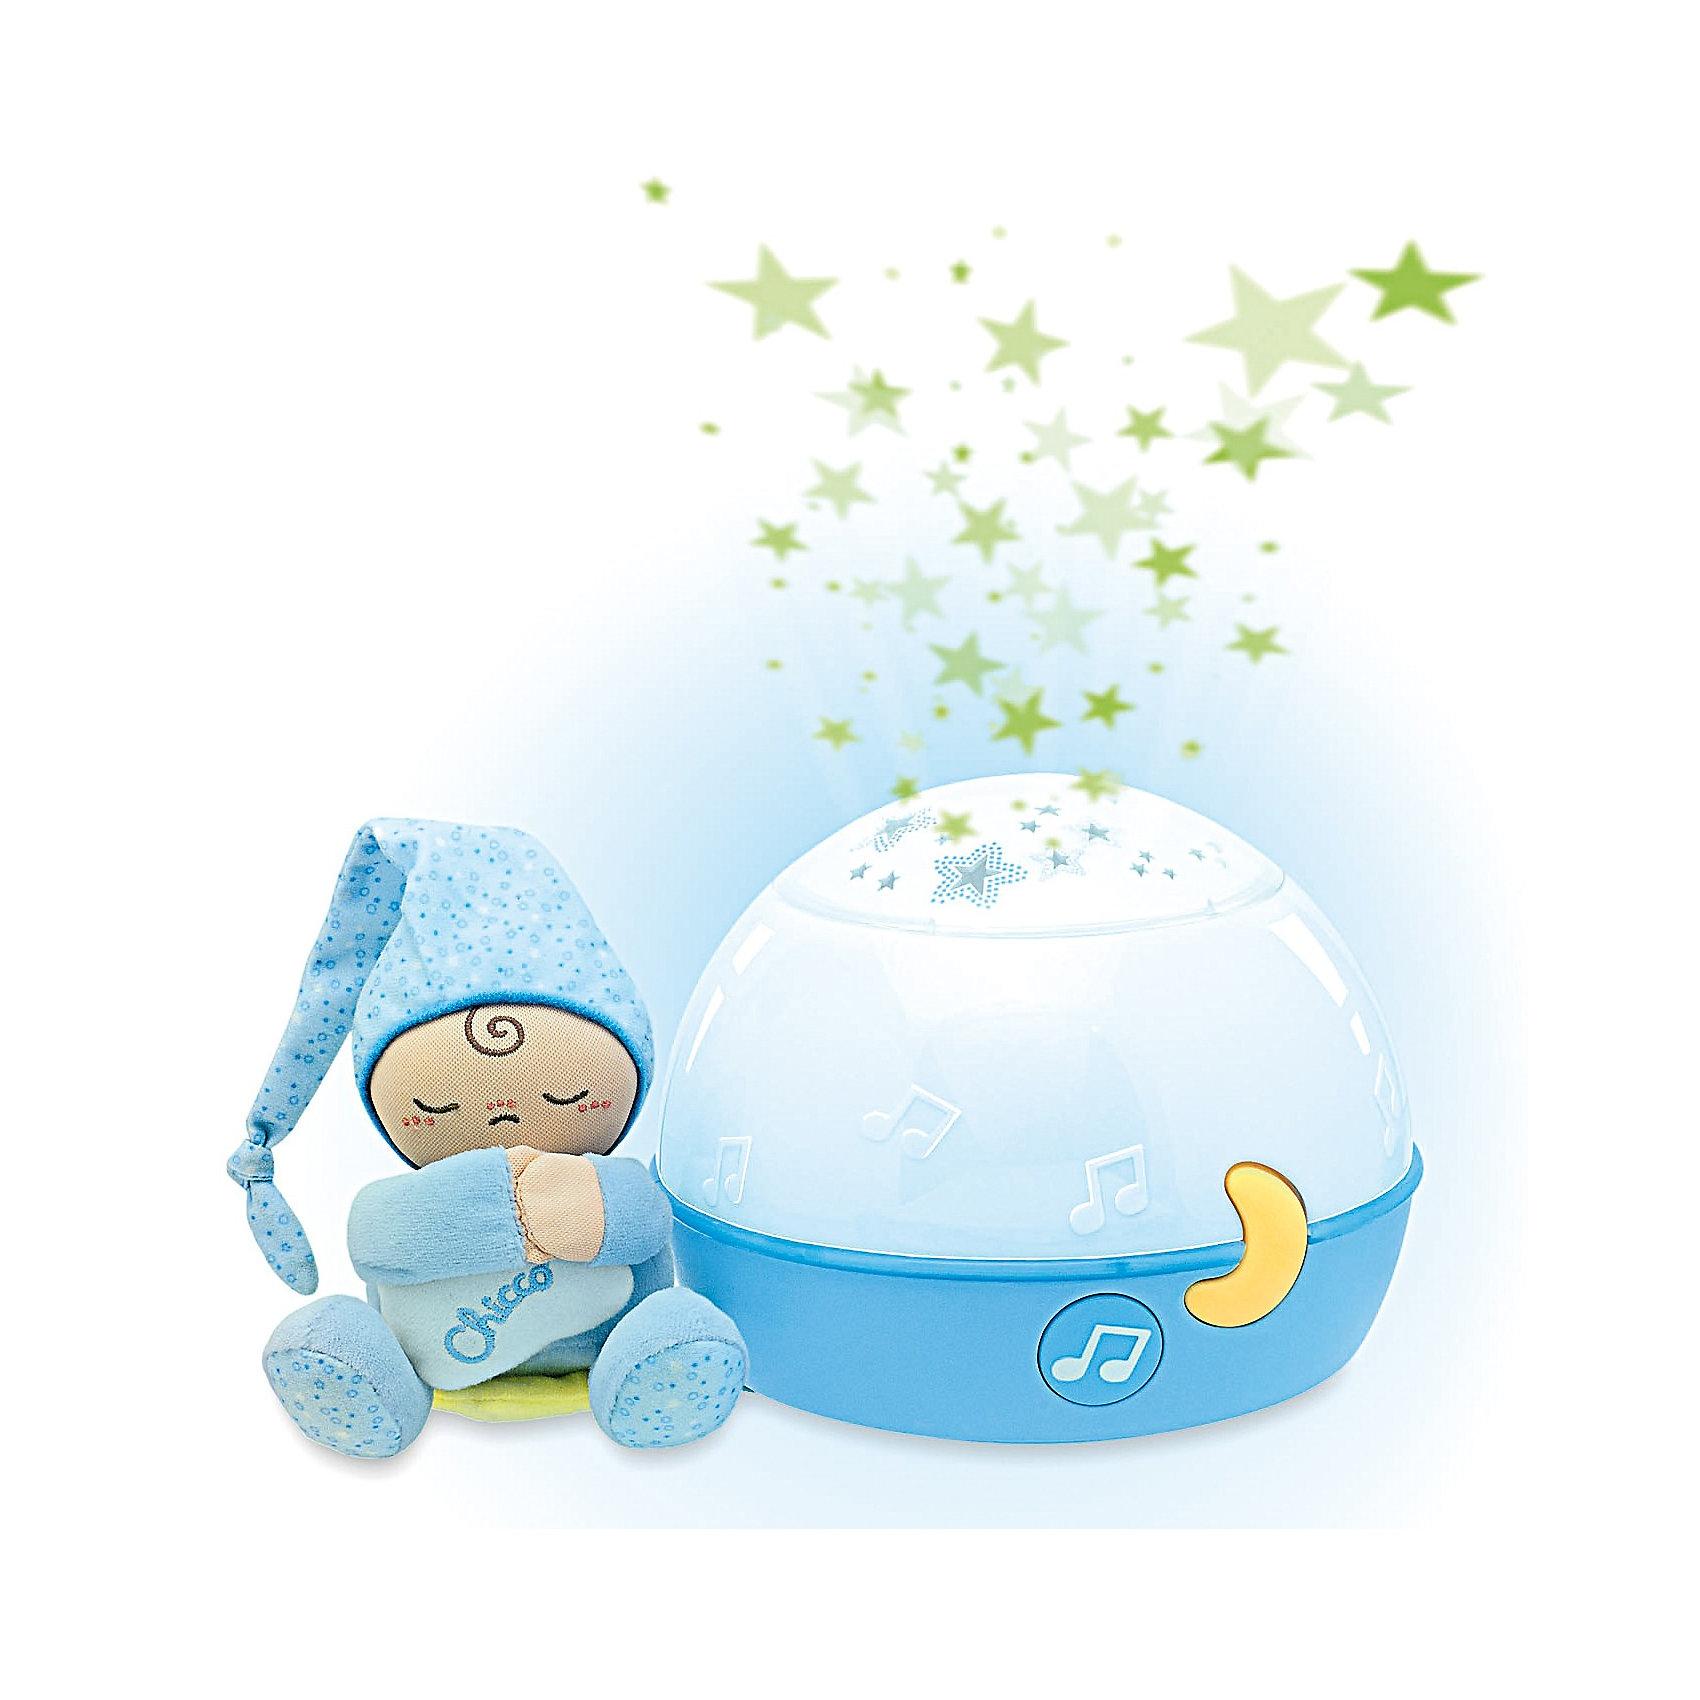 Проектор Первые грезы, голубой, ChiccoПроектор Первые грезы Chicco (Чико) - новый проектор для создания волшебной атмосферы во время сна!<br><br>Зная предпочтения своего малыша, Вы сами выбираете классические мелодии и проецирование изображений звезд, которые помогают малышу уснуть. Музыка Баха и Россини, мелодии нью-эйдж и звуки природы звучат одна за другой по вашему выбору, приобщая вашего малыша к миру музыки.<br><br>Очаровательную игрушку в виде малыша в голубой пижаме и колпаке можно отсоединить от ночника, и она станет мягким и нежным другом для малыша. <br><br>Проектор можно использовать как цветную лампу.<br><br>Проектор Первые грезы Chicco поможет успокоить и расслабить вашего малыша!<br><br>Дополнительная информация:<br>- Звуки музыки, мягкий свет, проекция изображения звезд.<br>- Проектор можно использовать как ночную  лампу.<br>- Мягкая игрушка-человечек снимается и может использоваться малышом для игры.<br>- Батарейки: 3 х АА 1,5 В (не входят в комплект)<br>- Диаметр: 15 см.<br>- Высота: 13 см.<br>- Человечек: 7 х 10 см.<br>- Возраст: от 0 месяцев.<br><br>Ширина мм: 282<br>Глубина мм: 215<br>Высота мм: 195<br>Вес г: 980<br>Возраст от месяцев: 0<br>Возраст до месяцев: 24<br>Пол: Мужской<br>Возраст: Детский<br>SKU: 2450436